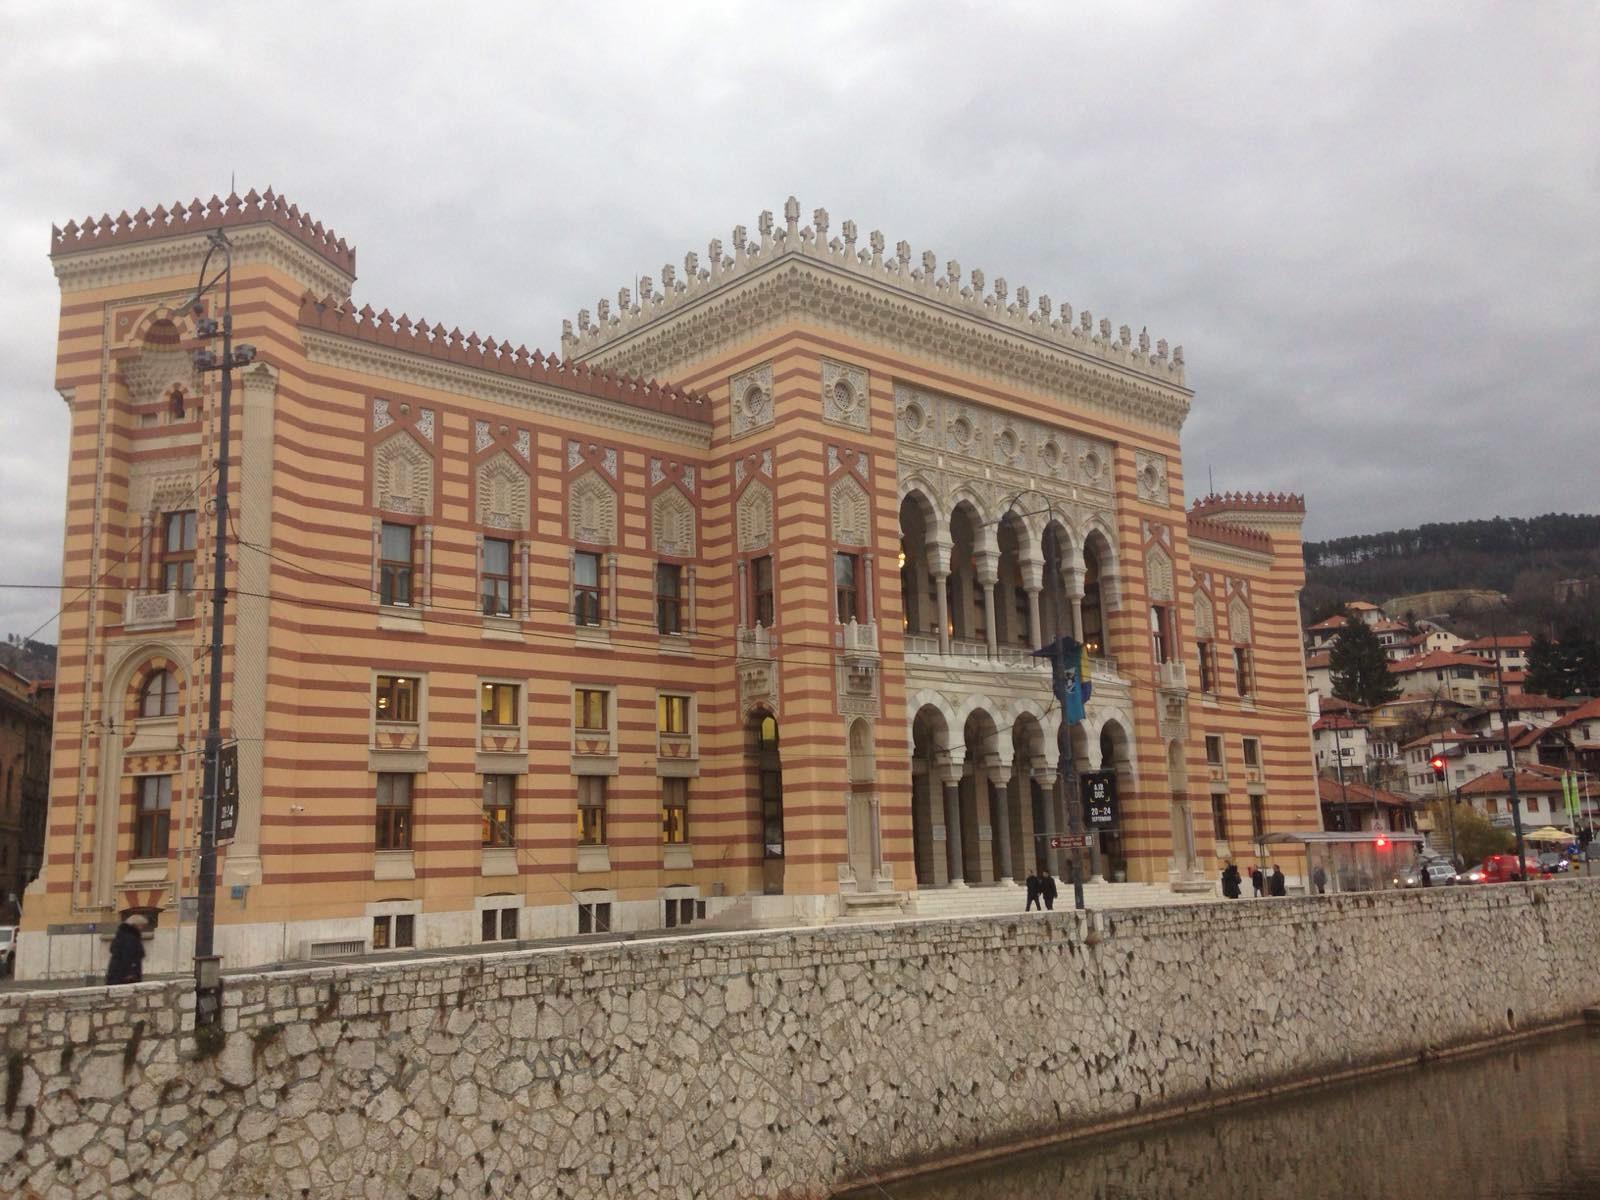 Vancaš  főműve a szarajevói Városháza épülete. Az ostrom ideje alatt könytárként működött, mikor 1992-ben leégett. A megszületéséhez kapcsolódó legendáról már meséltem korábban itt: https://muszlimutazo.blog.hu/2019/11/24/a_makacs_haz_tortenete. Mikor az épületet tervezték, egy házat (az úgynevezett Makacs Házat) a folyó túlpartjára kellett költöztetni, hogy a Városháza méltó helyet kapjon. (Fotó: Amir Telibećirović)